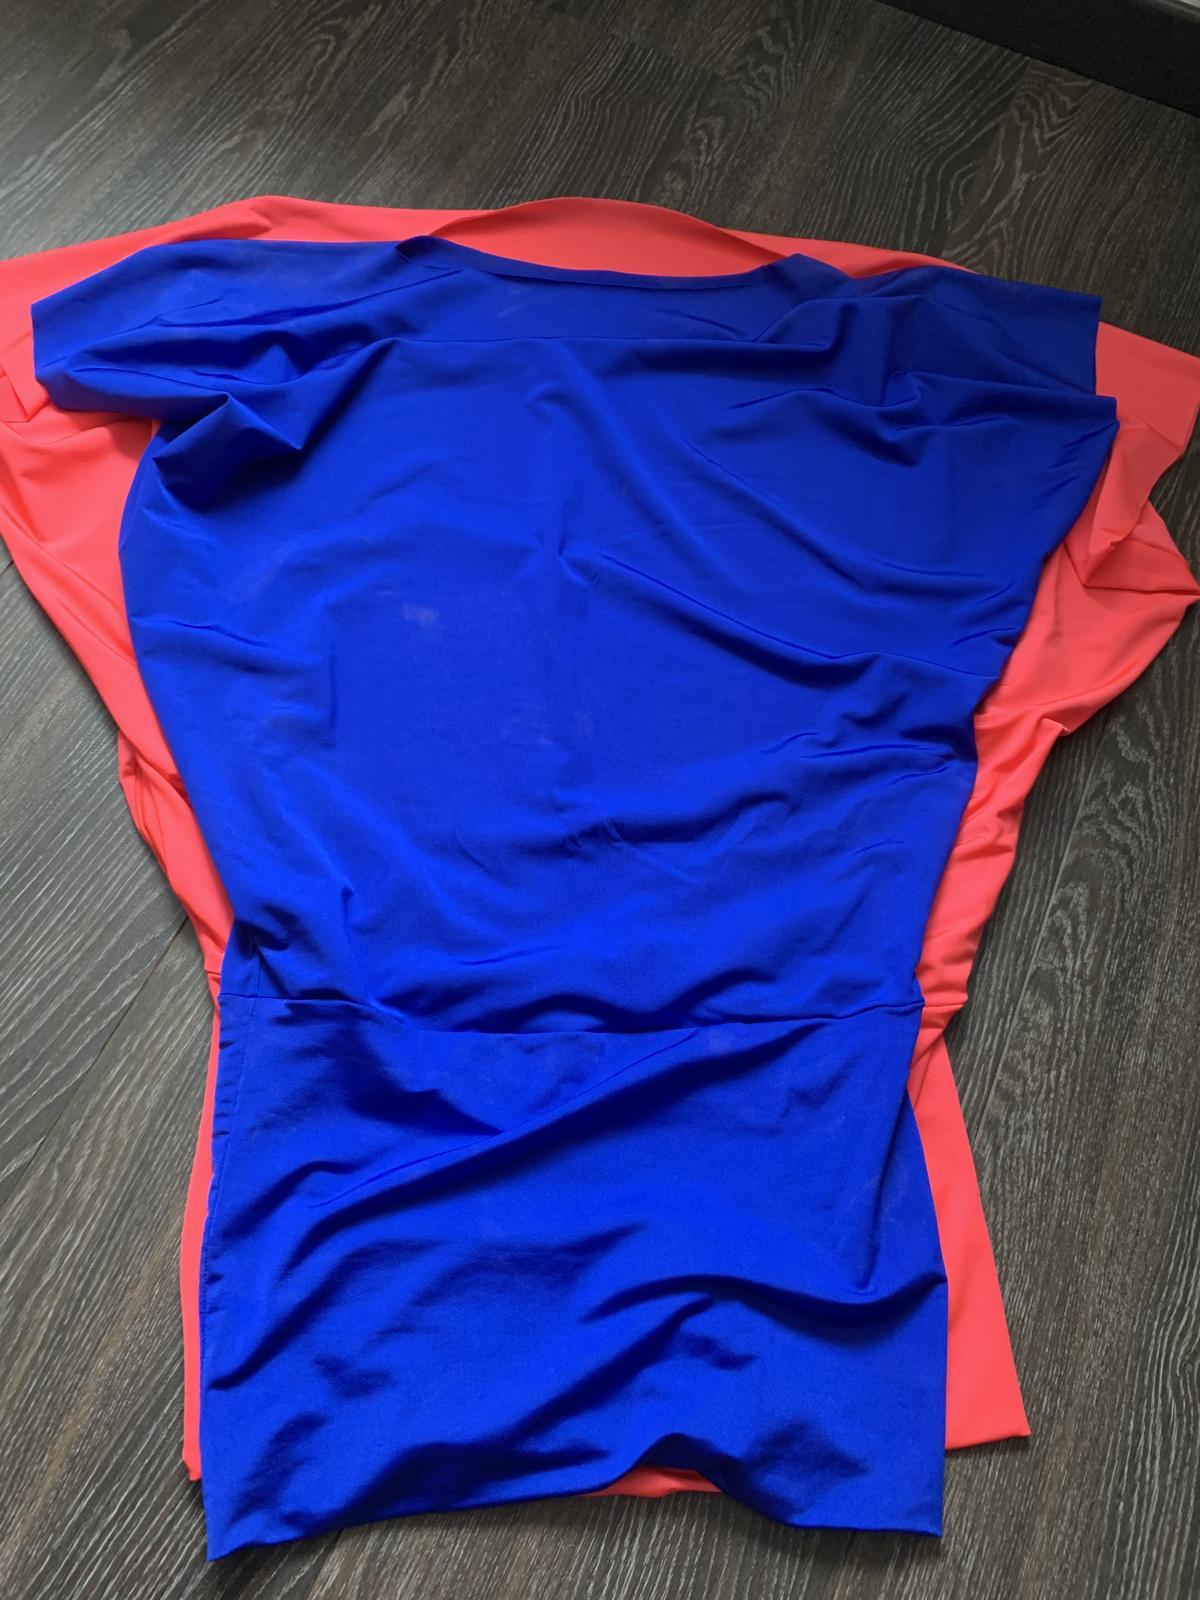 Sametové šaty - Obrázok č. 4